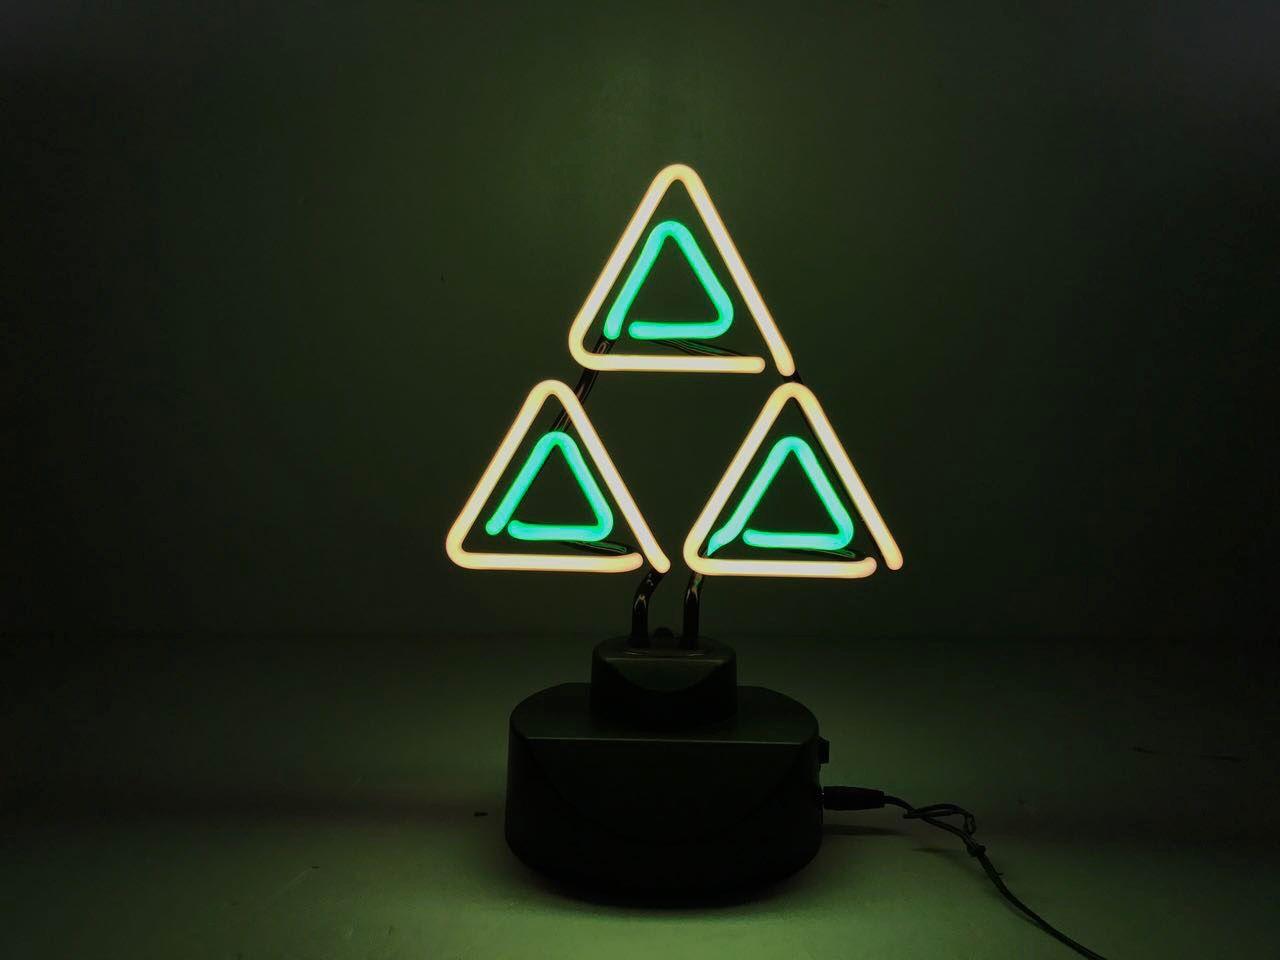 Mm ideas neon lighting lighting zelda gifts